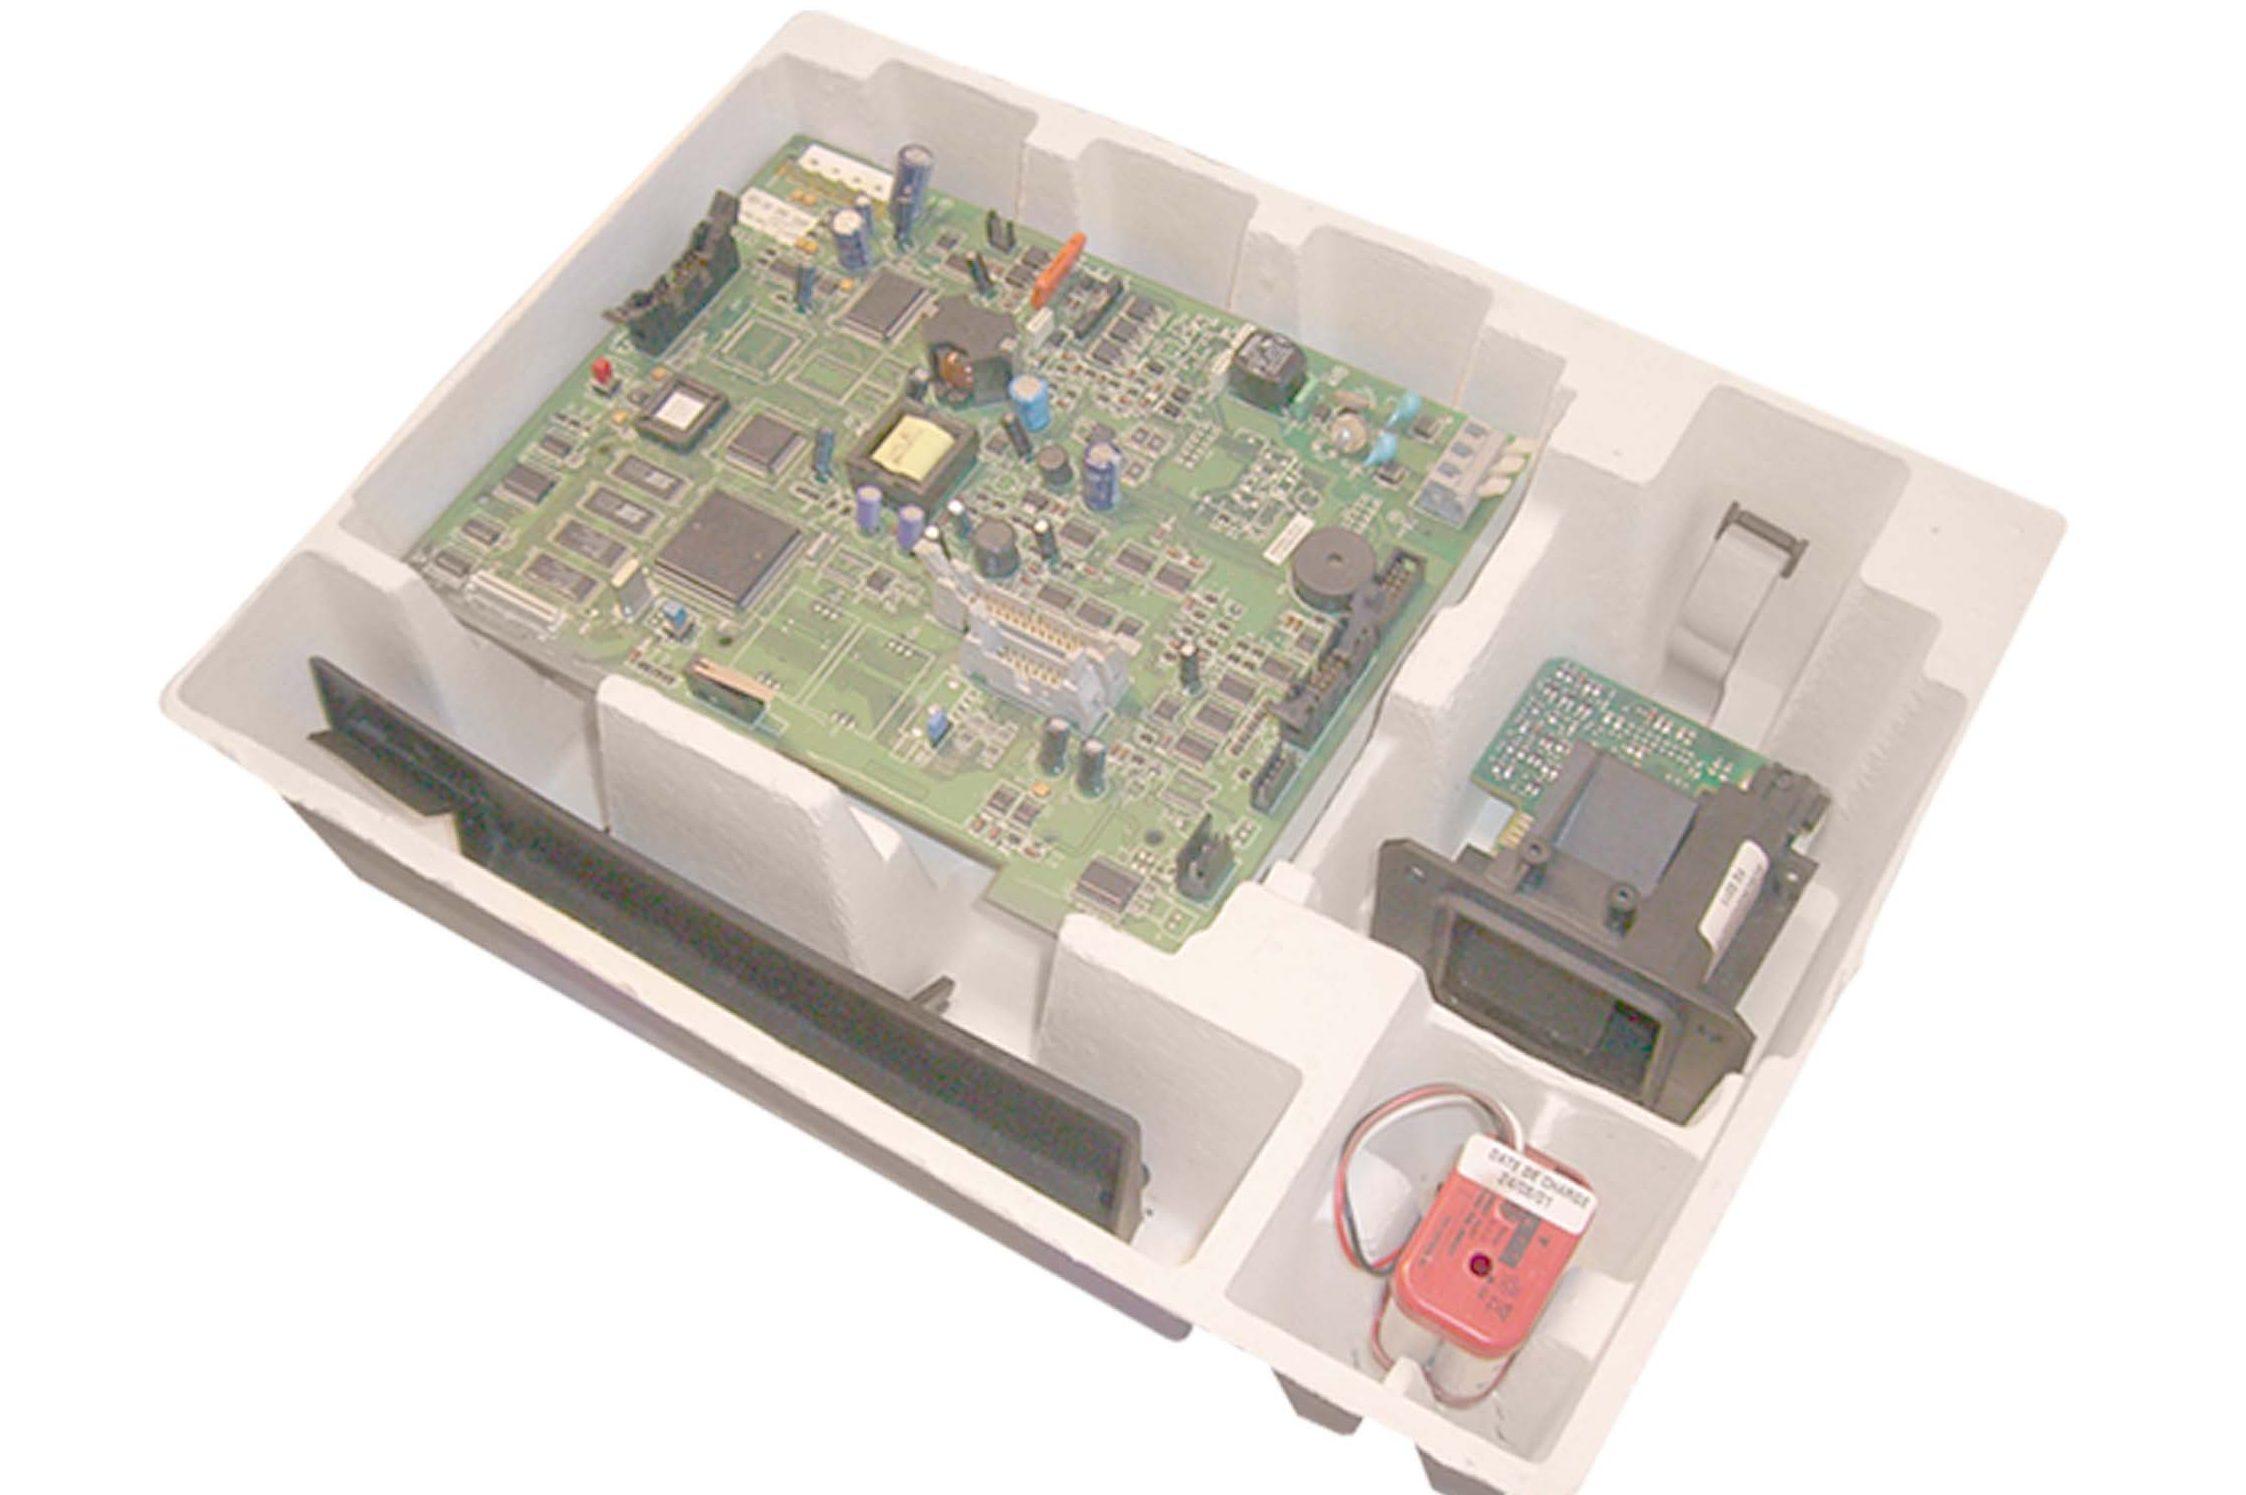 calage telecom en cellulose moulée ecofeutre